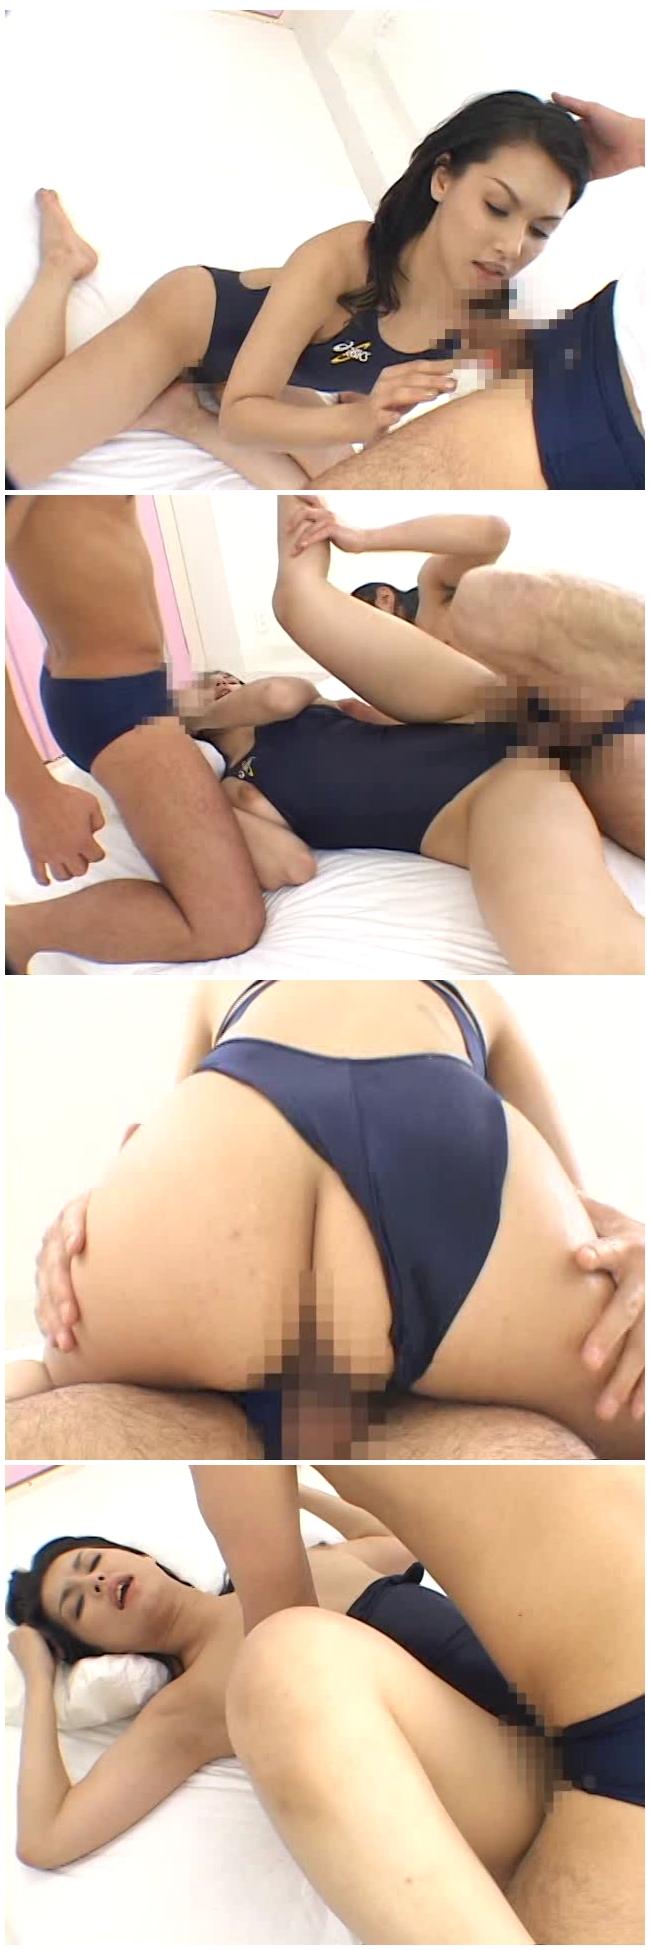 Maria%20Ozawa142_cover.jpg